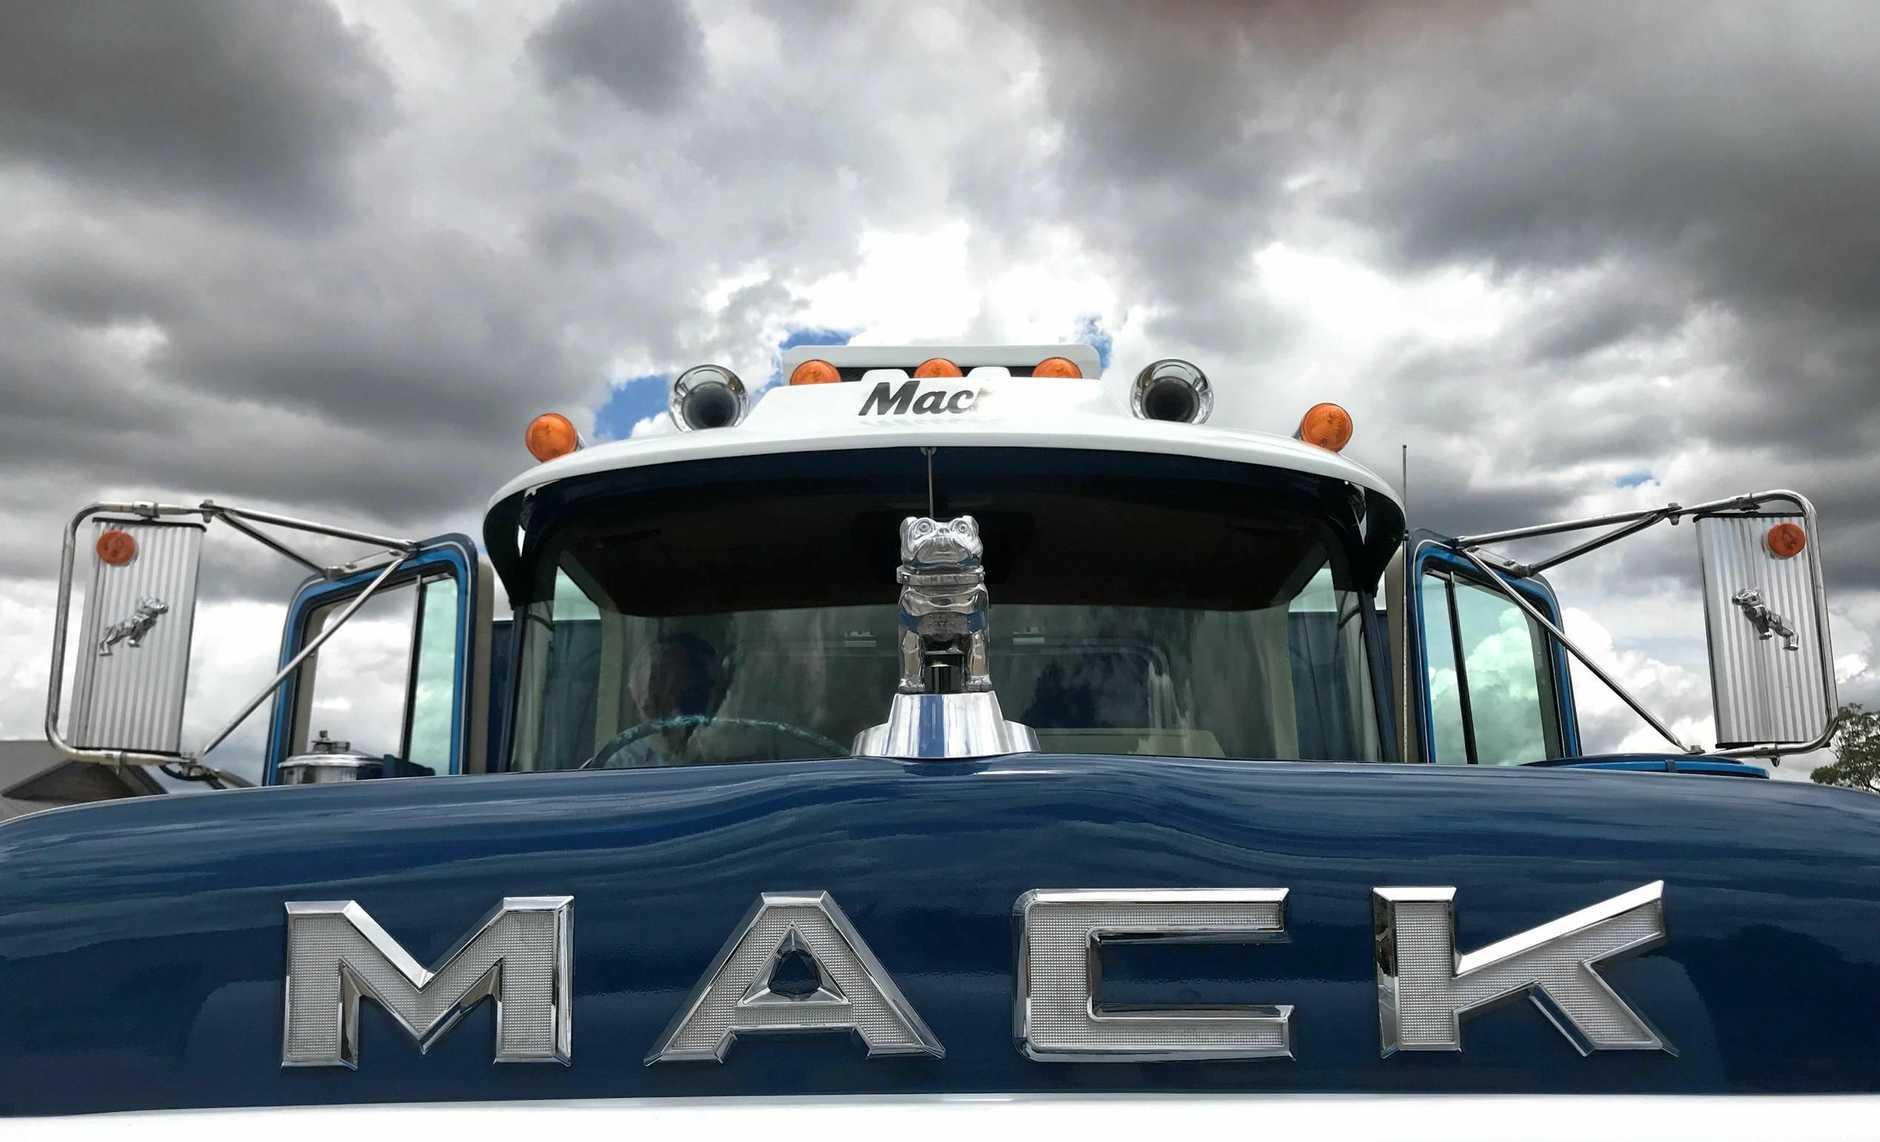 Mack Centenial